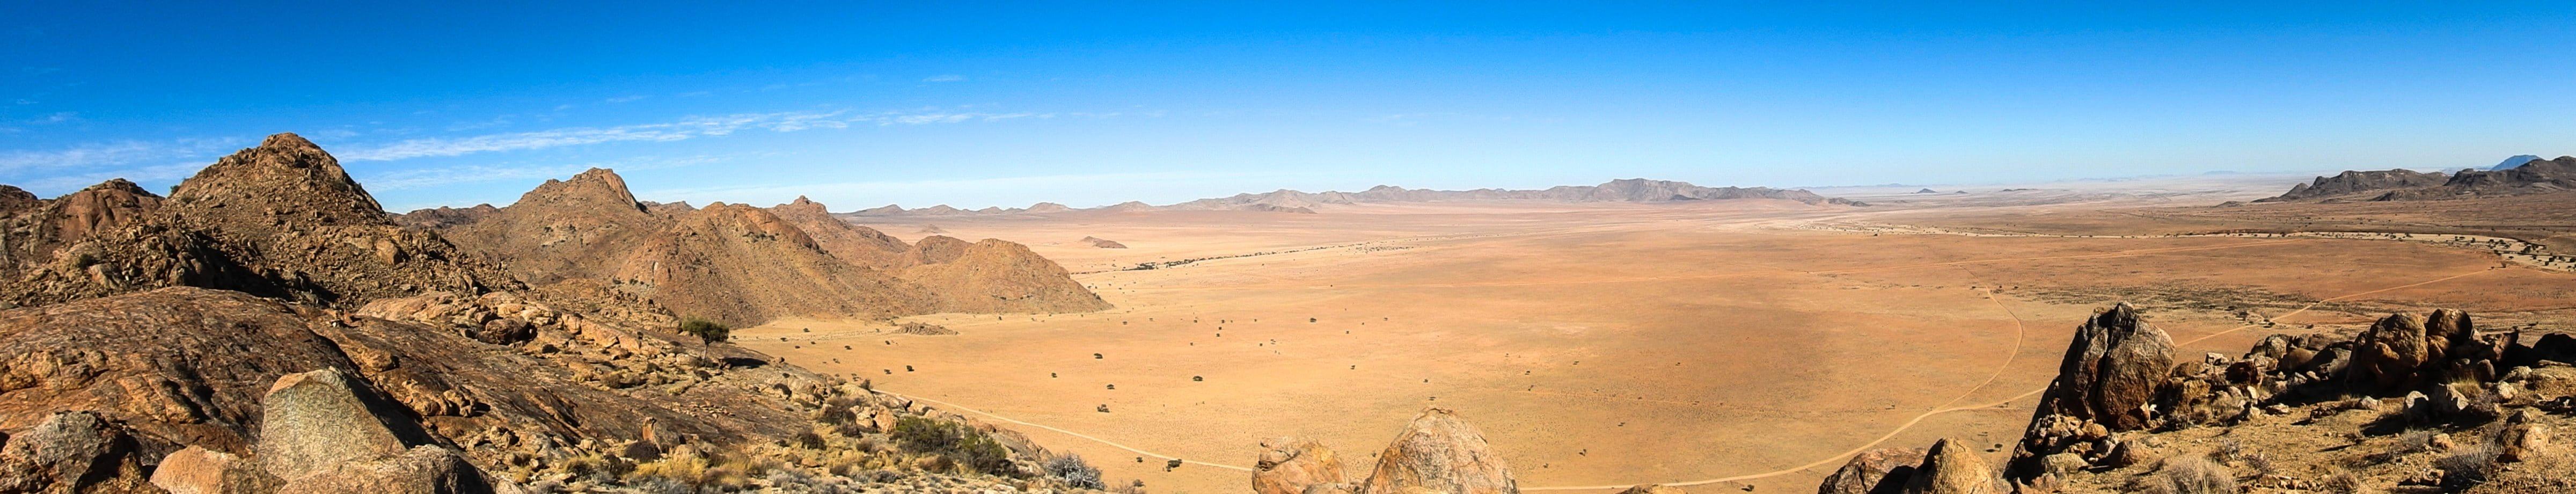 Namibia-Aus-Berge-01